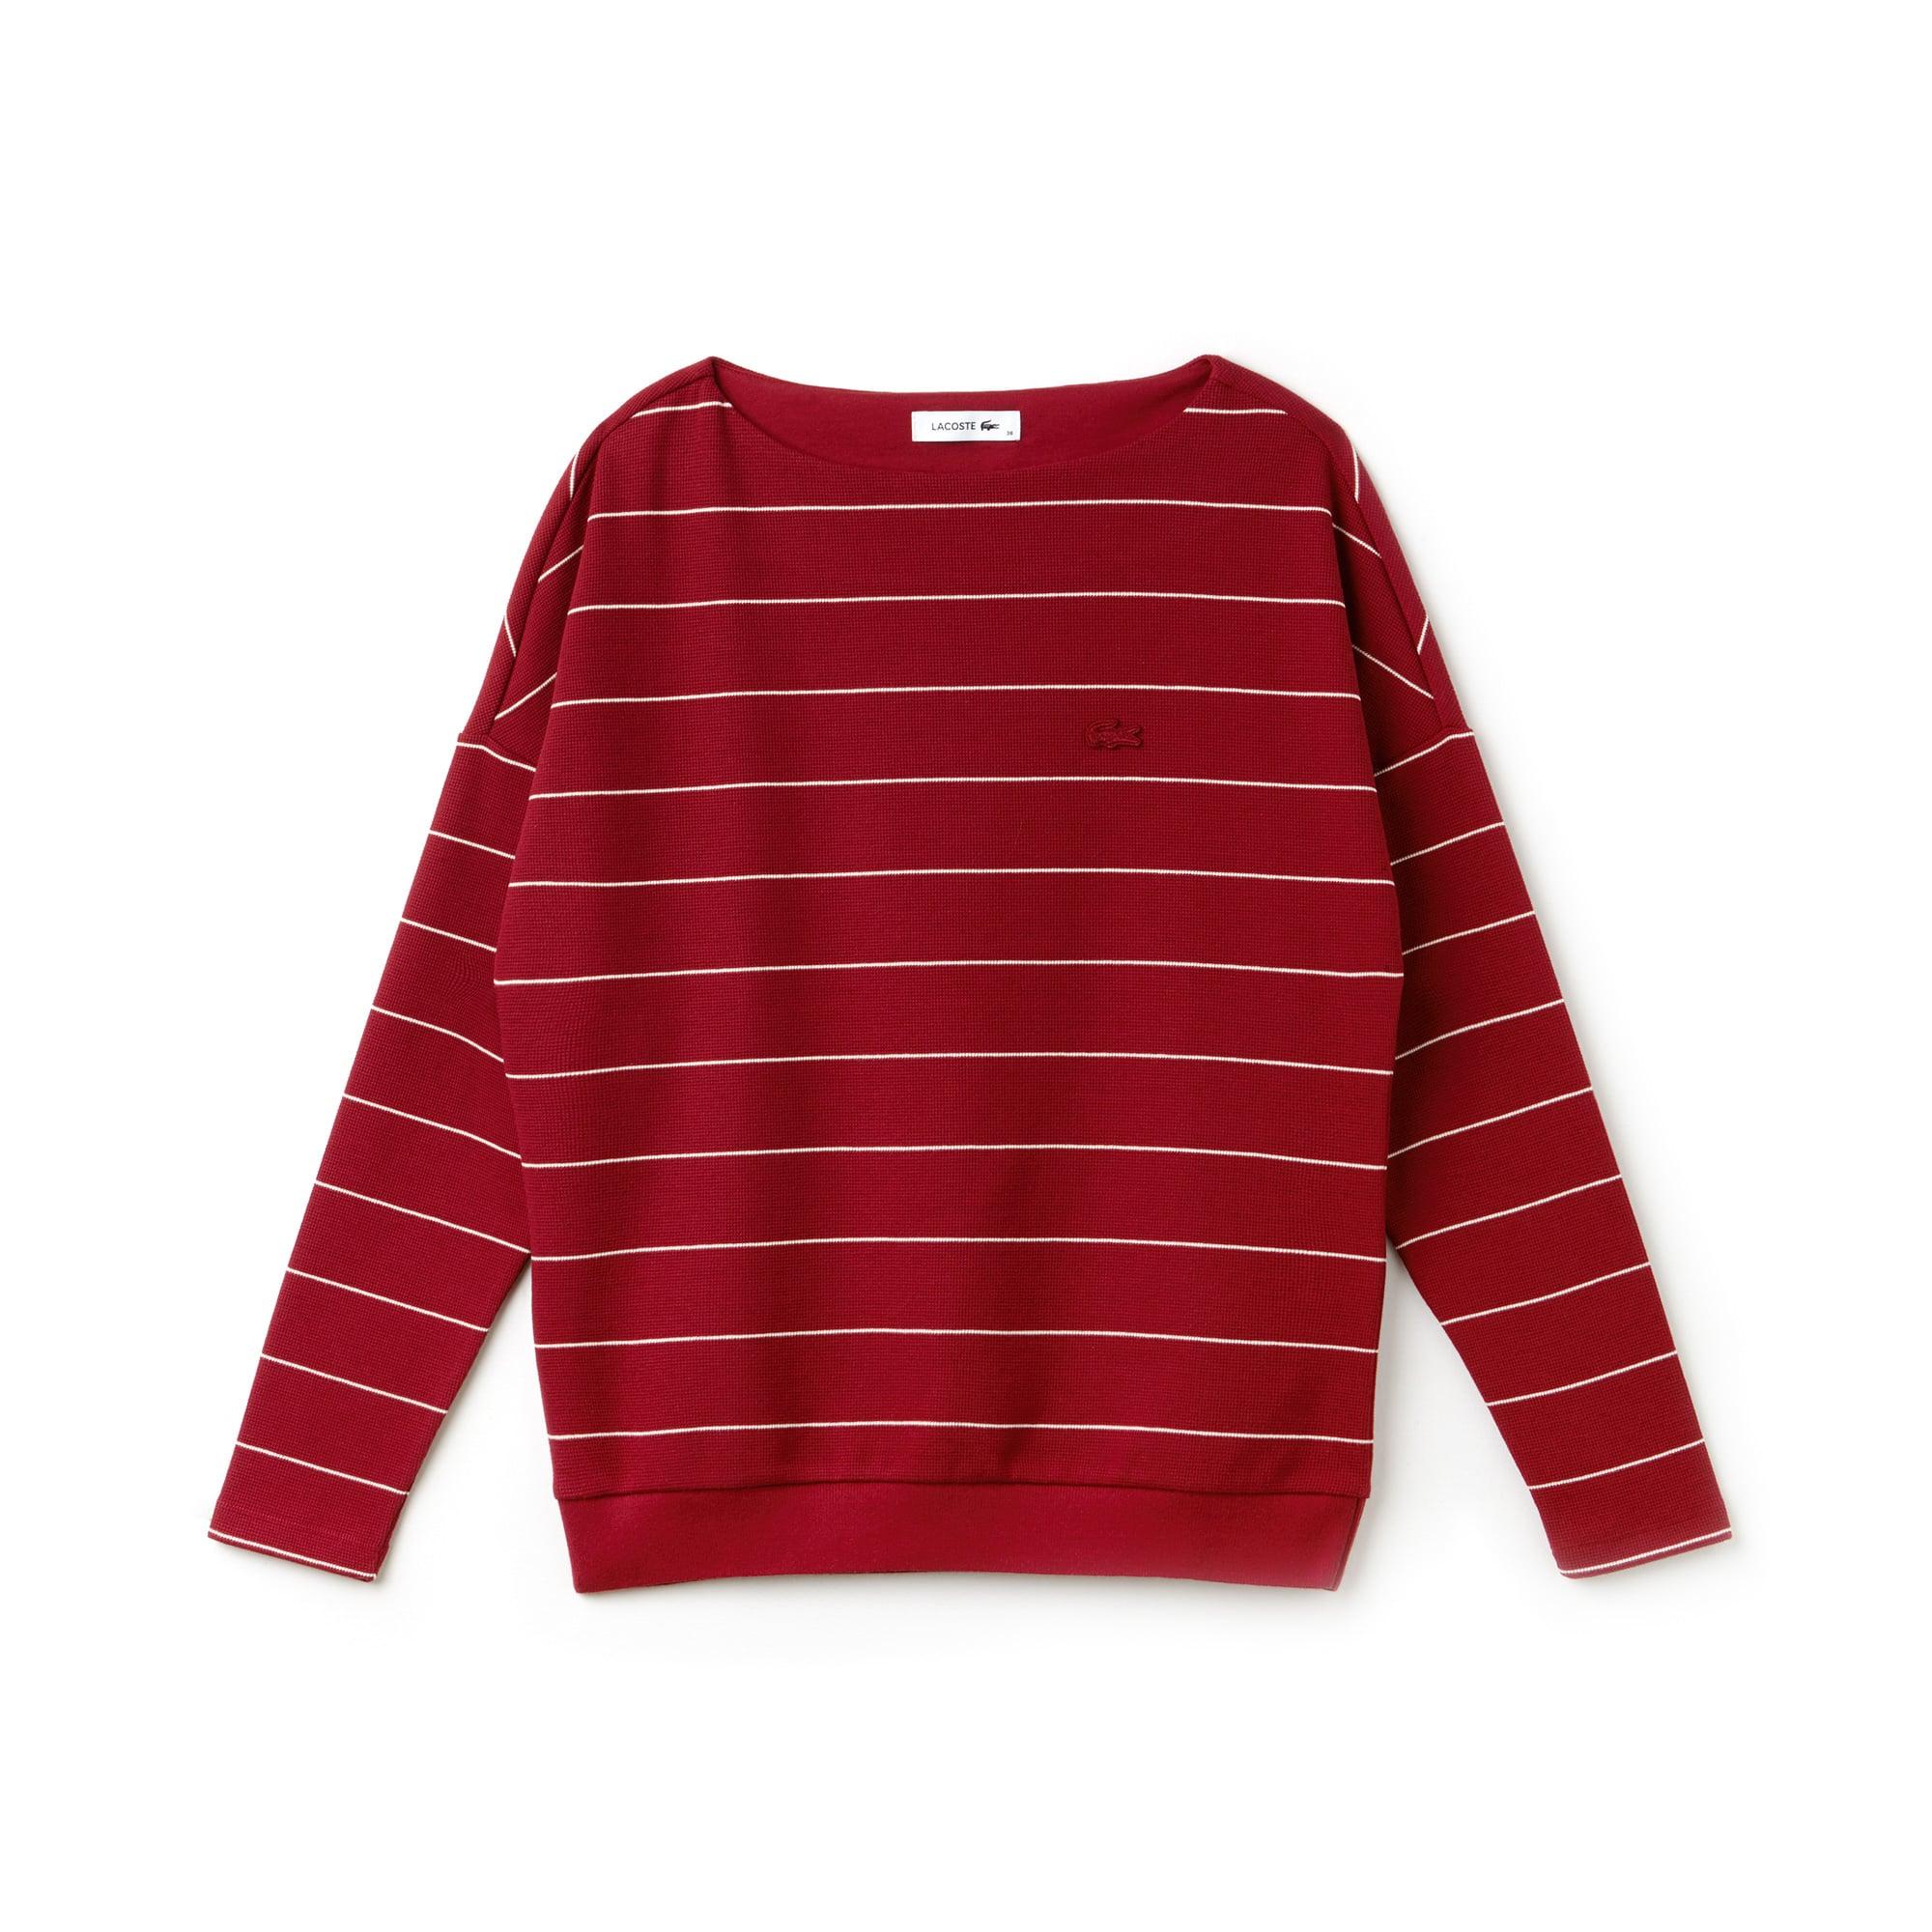 Sweatshirt gola barco em algodão com relevo favo de mel às riscas